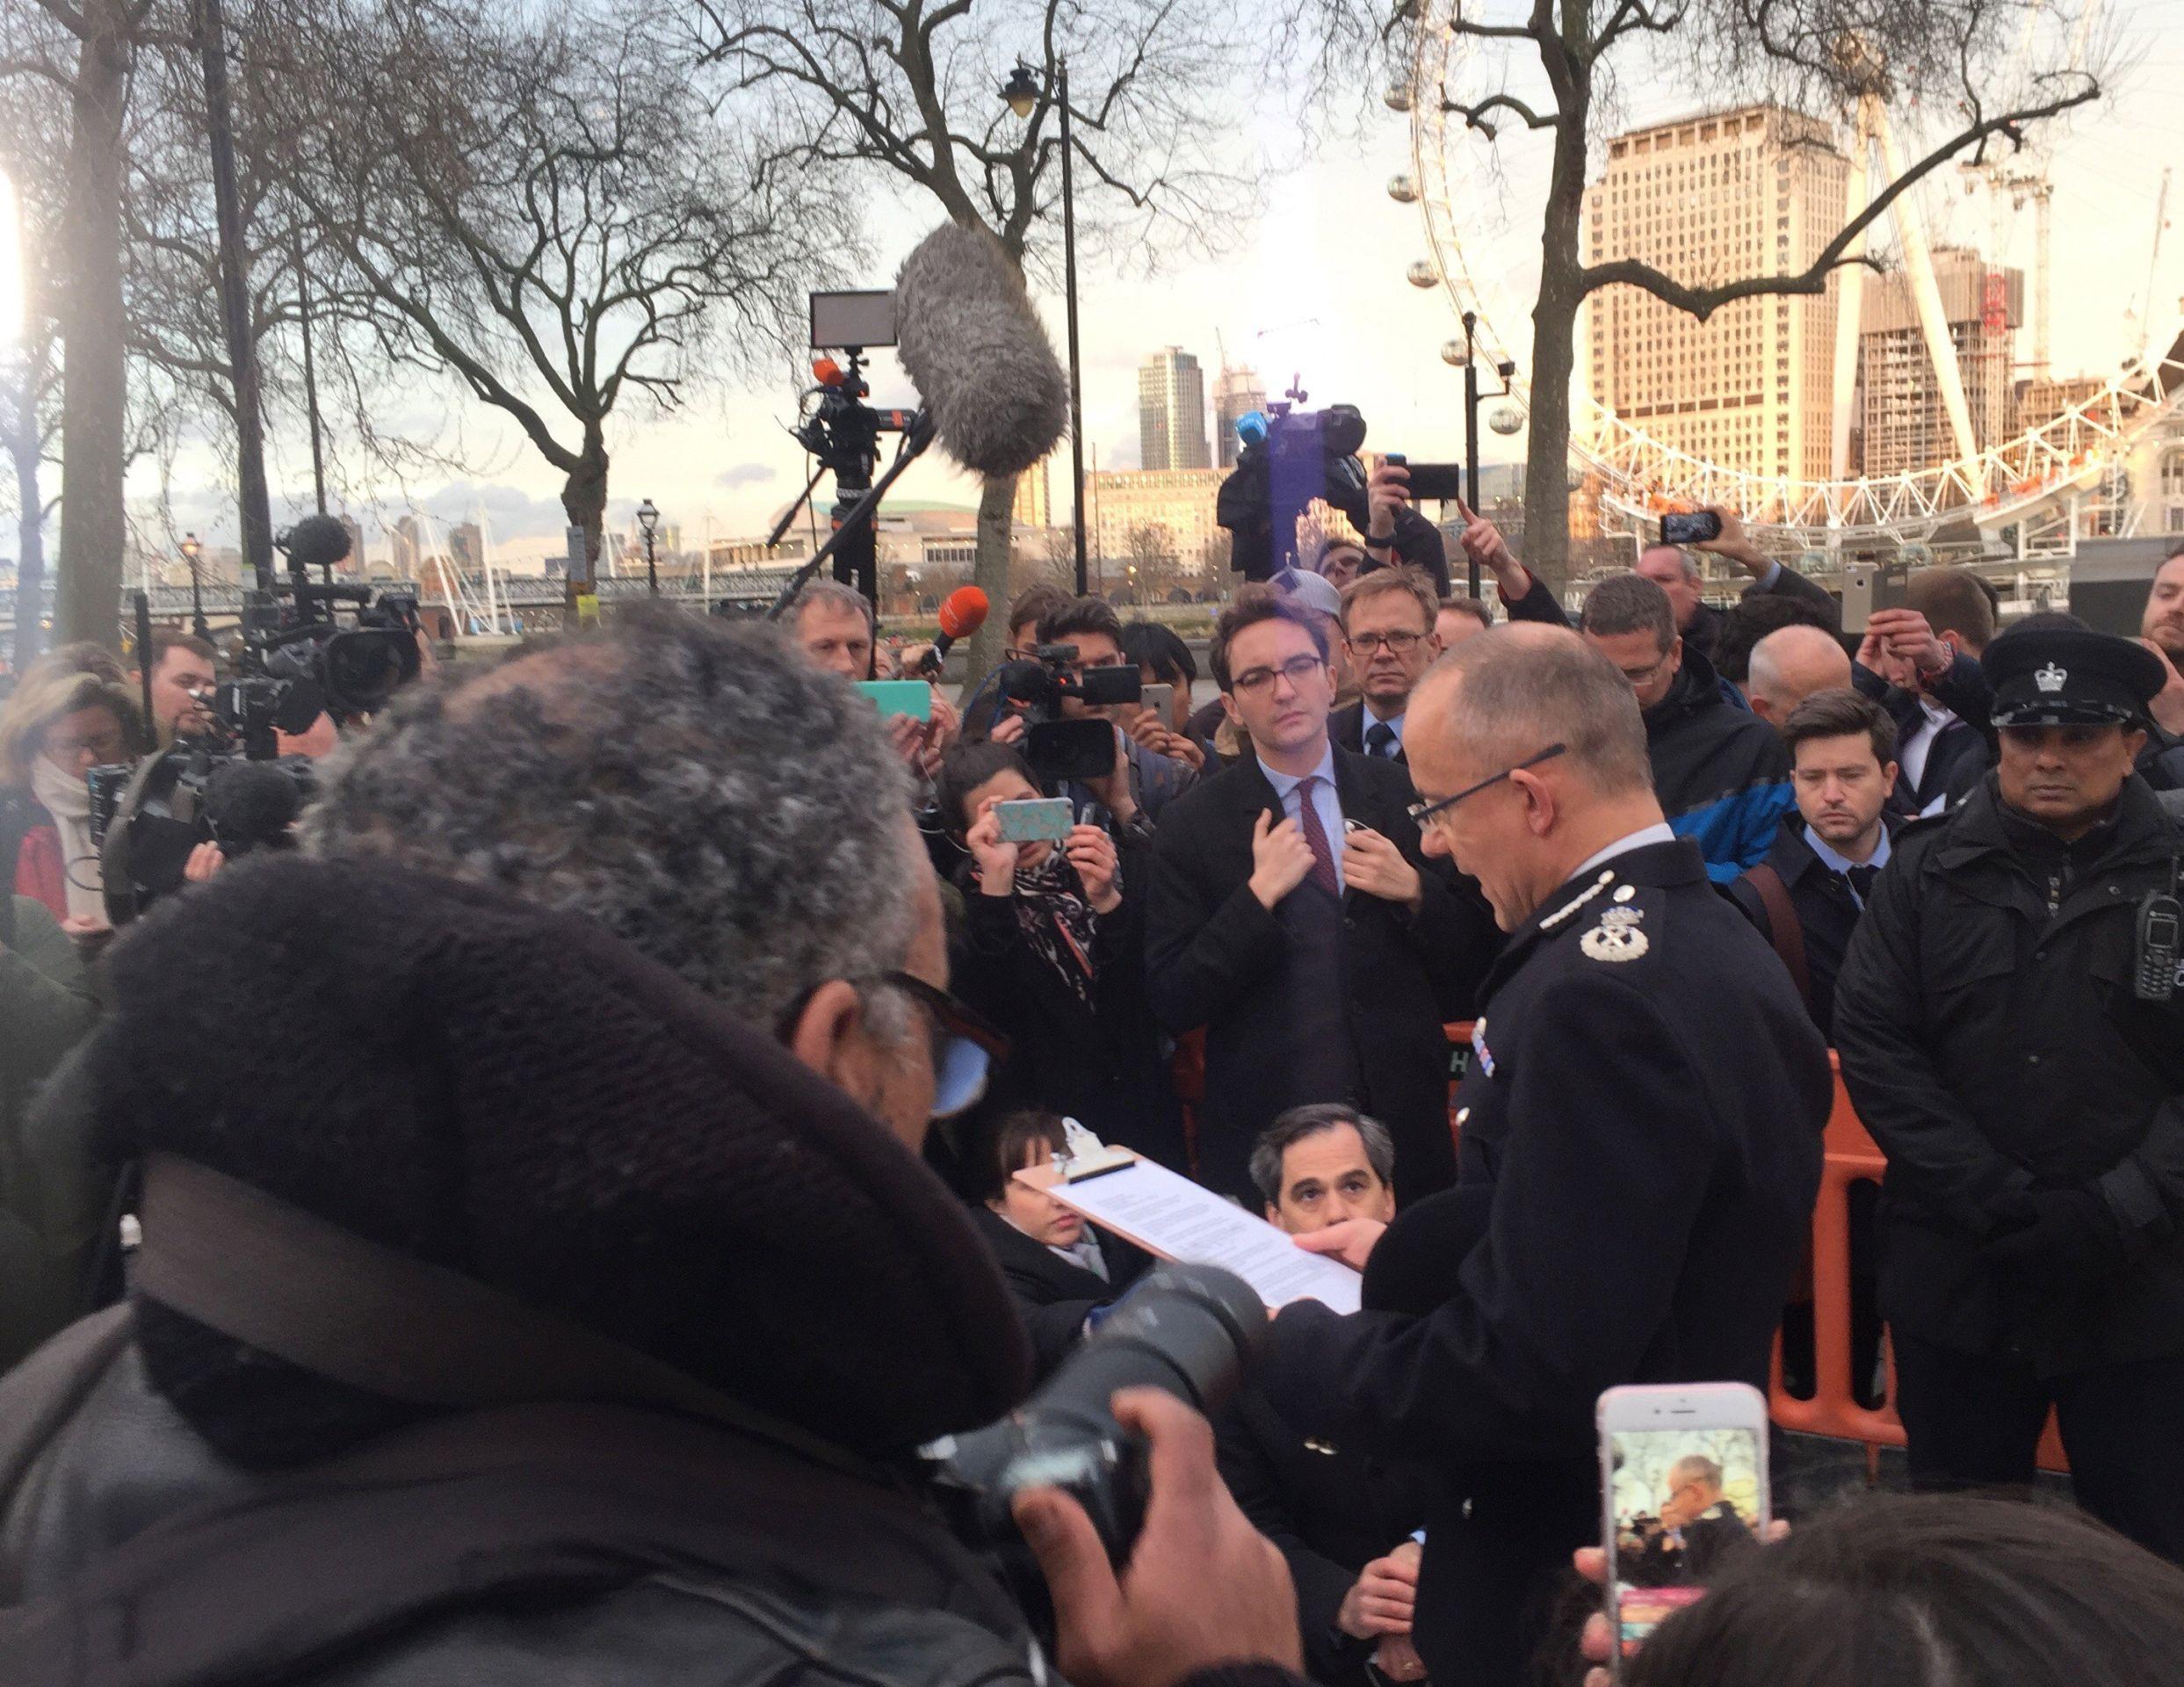 PRVA ŽRTVA NAPADA NA LONDON 'Dok mnogi bježe od opasnosti, ti si išao prema njoj, hvala ti na tvojoj posvećenosti'